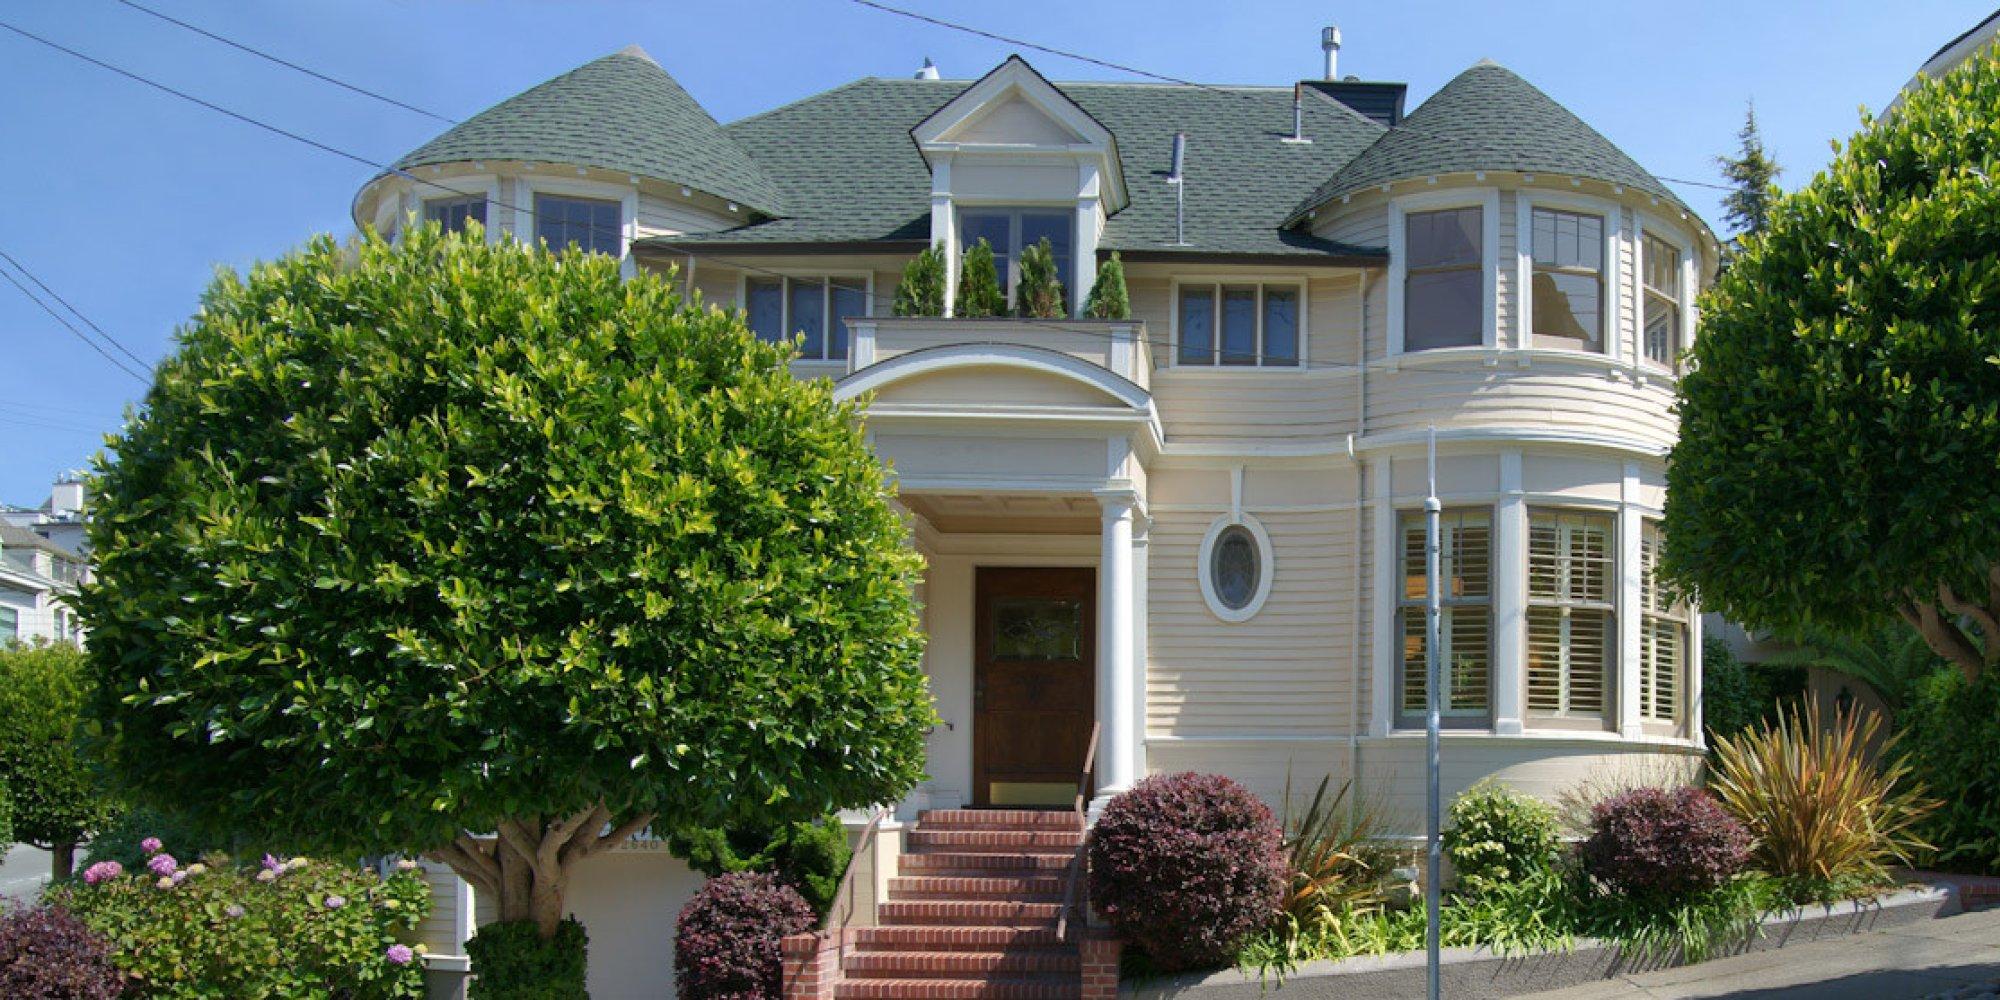 Vous pouvez désormais acheter la maison de Madame Doubtfire